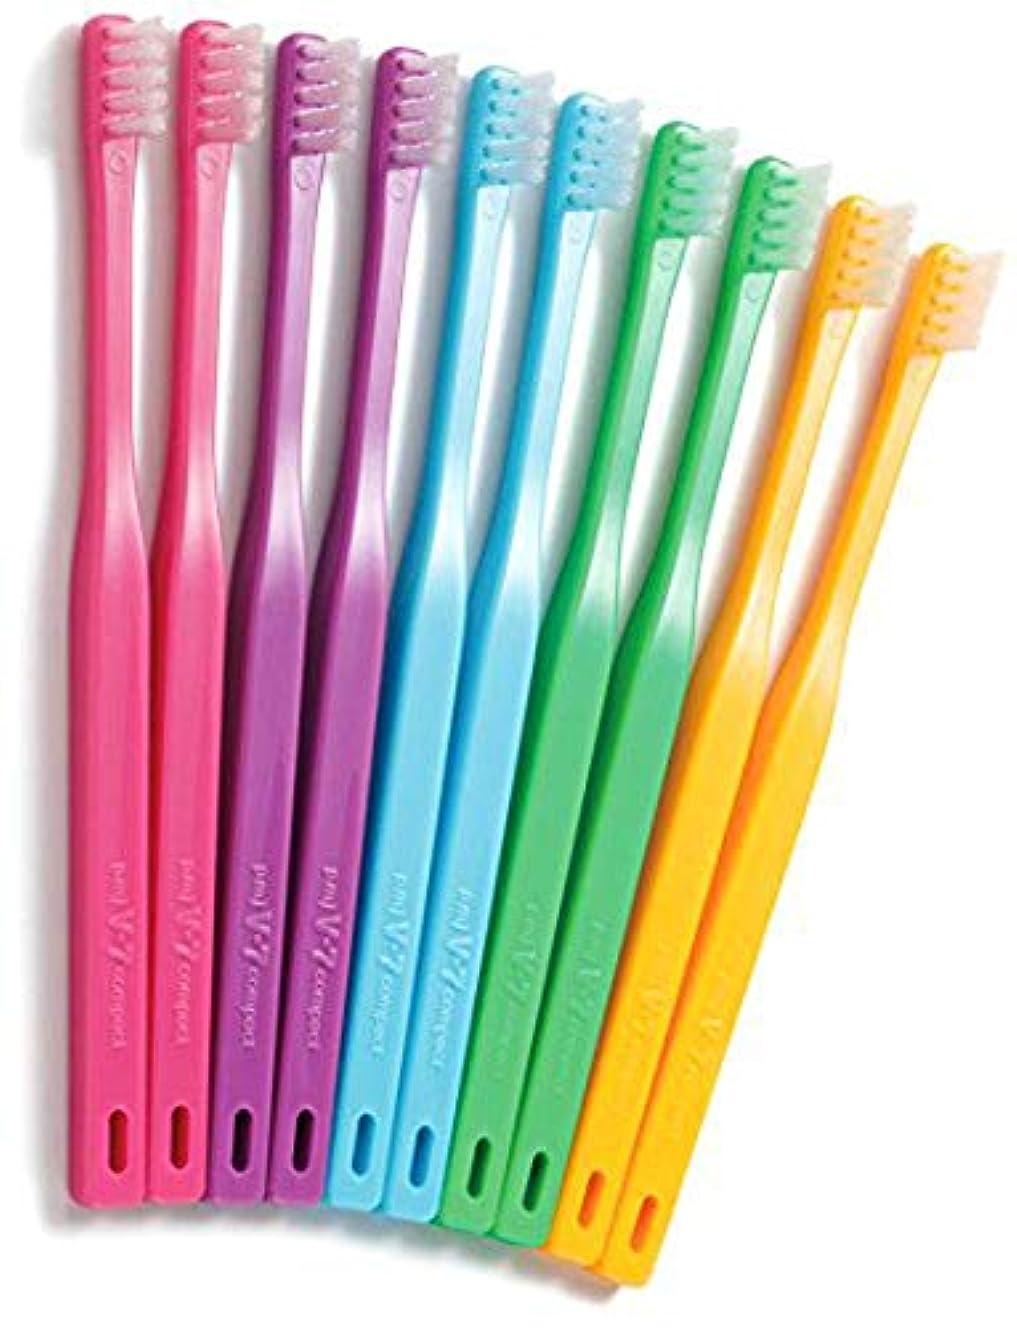 つまようじ法歯ブラシ V-7 コンパクトヘッド ビビッドカラー 1本